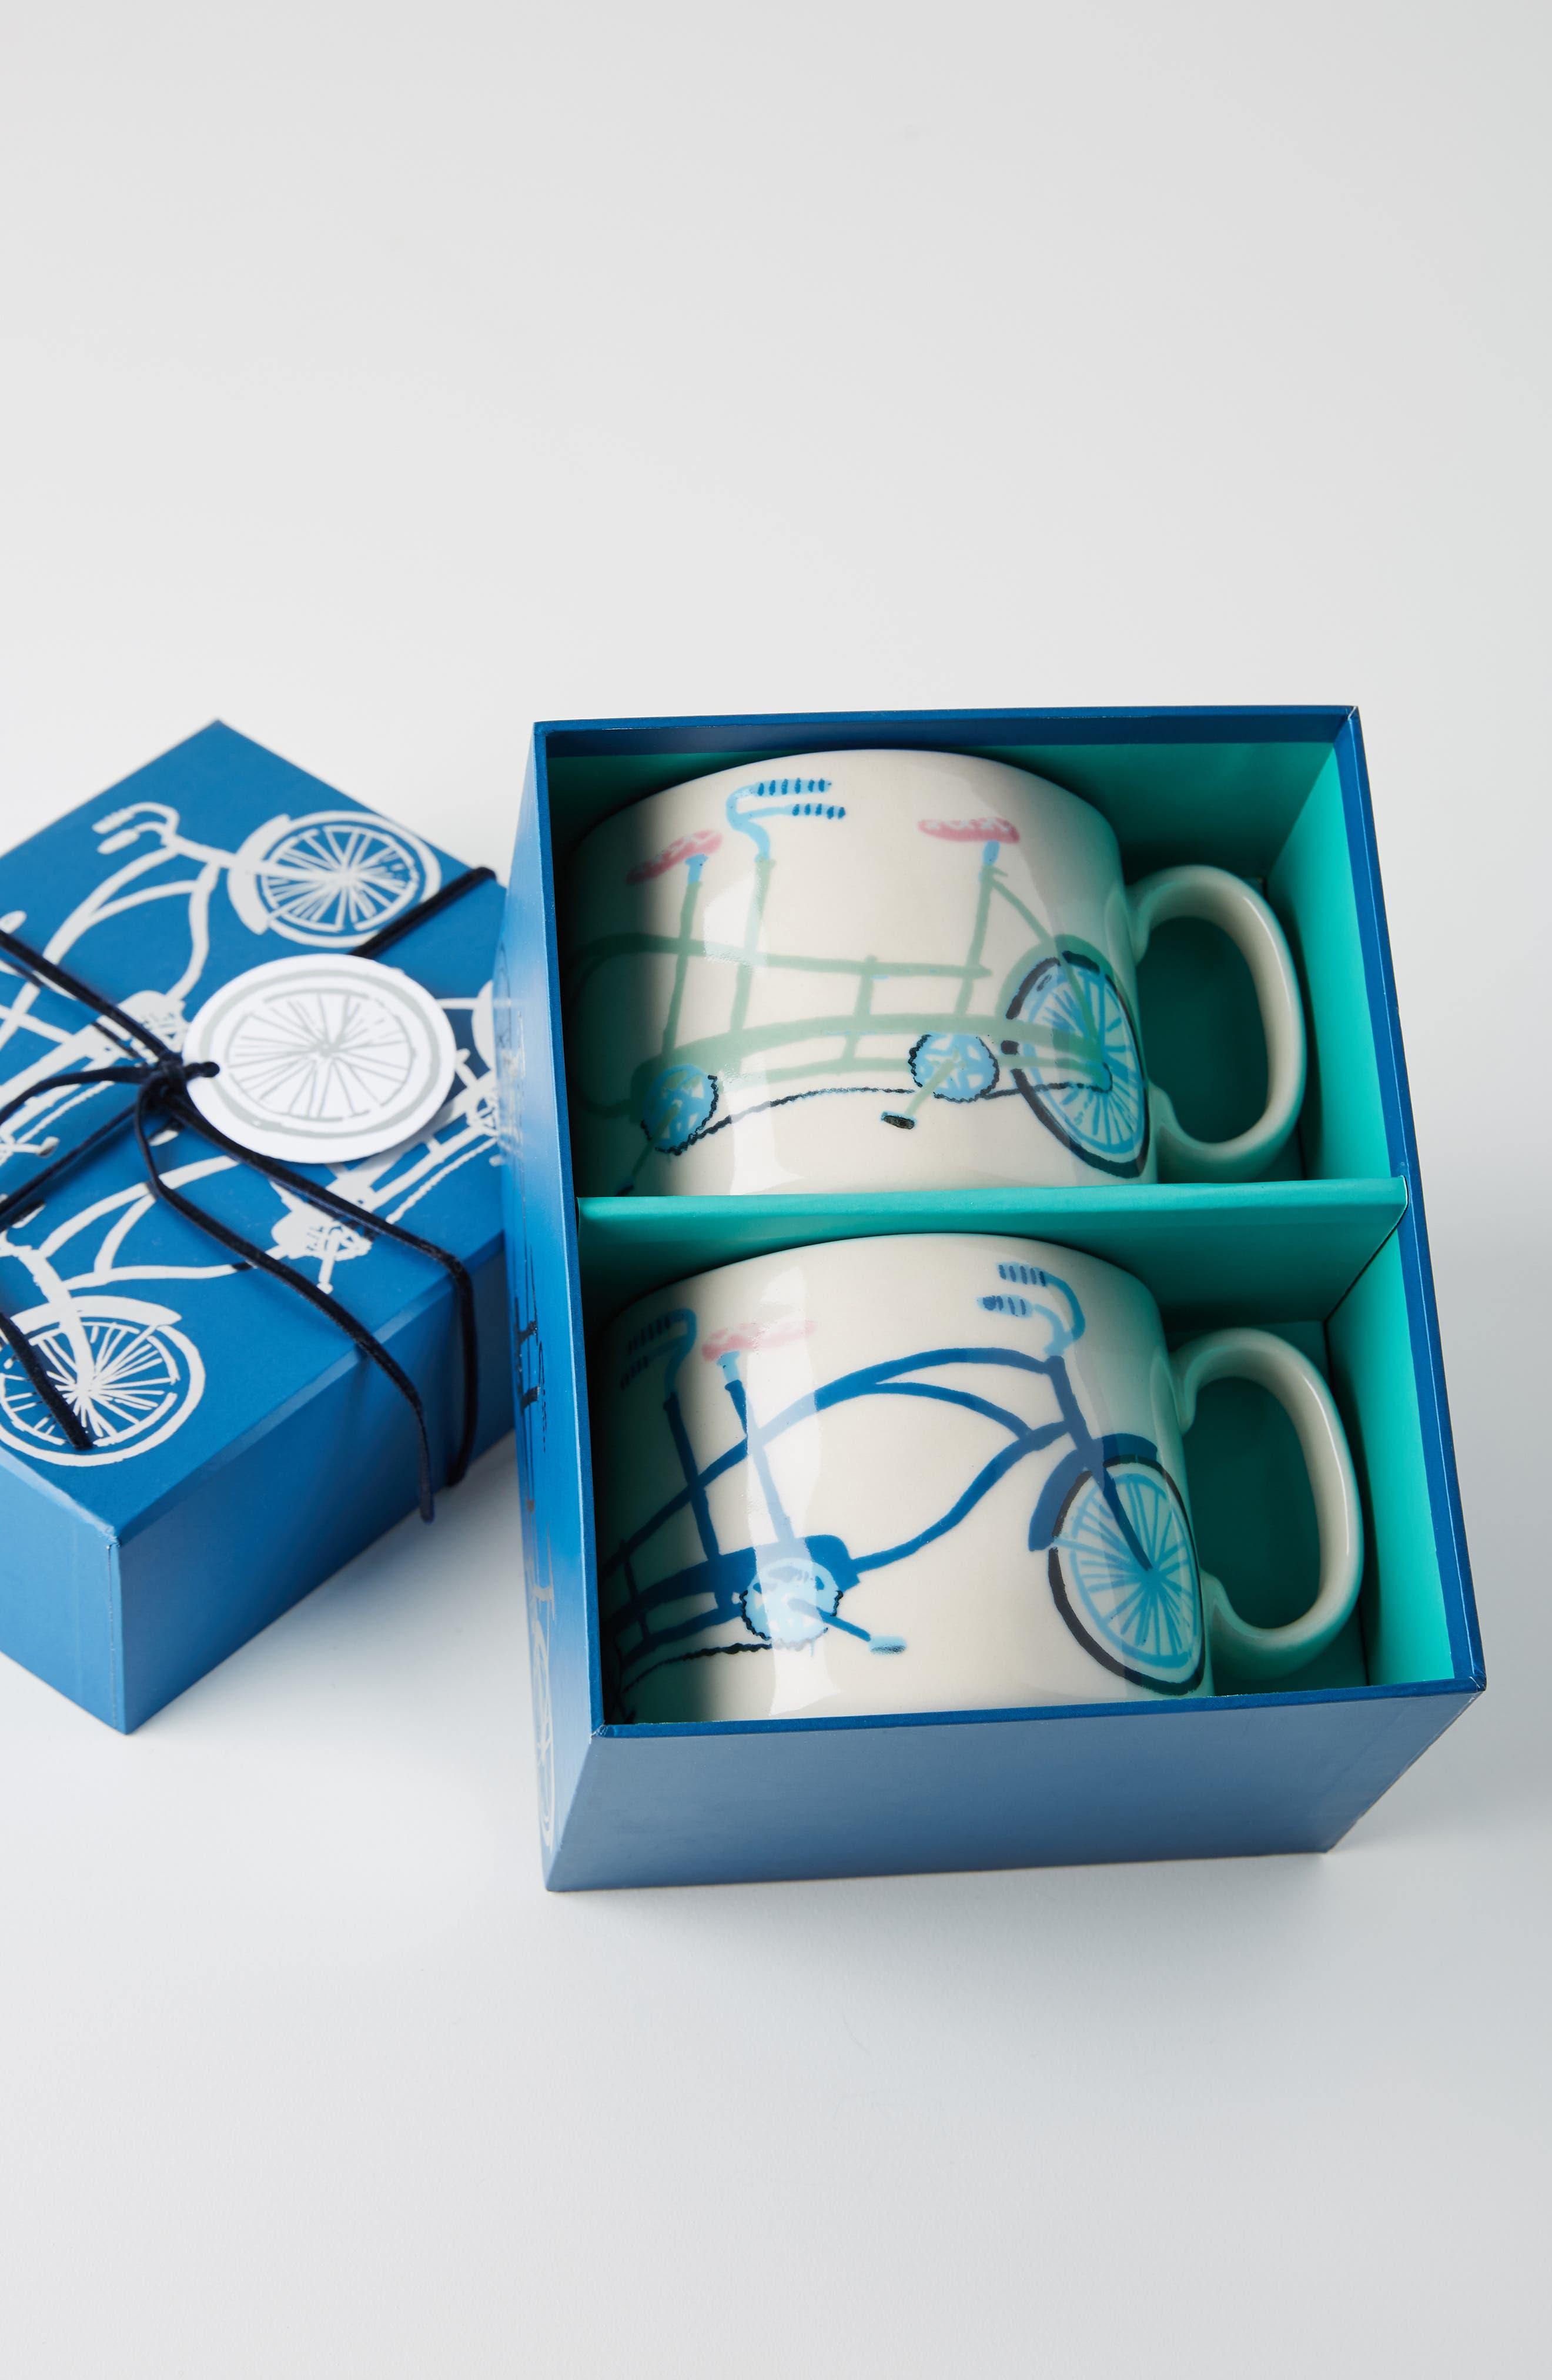 ANTHROPOLOGIE,                             Tandem Mug Set of 2 Mugs,                             Alternate thumbnail 3, color,                             BETTER TOGETHER